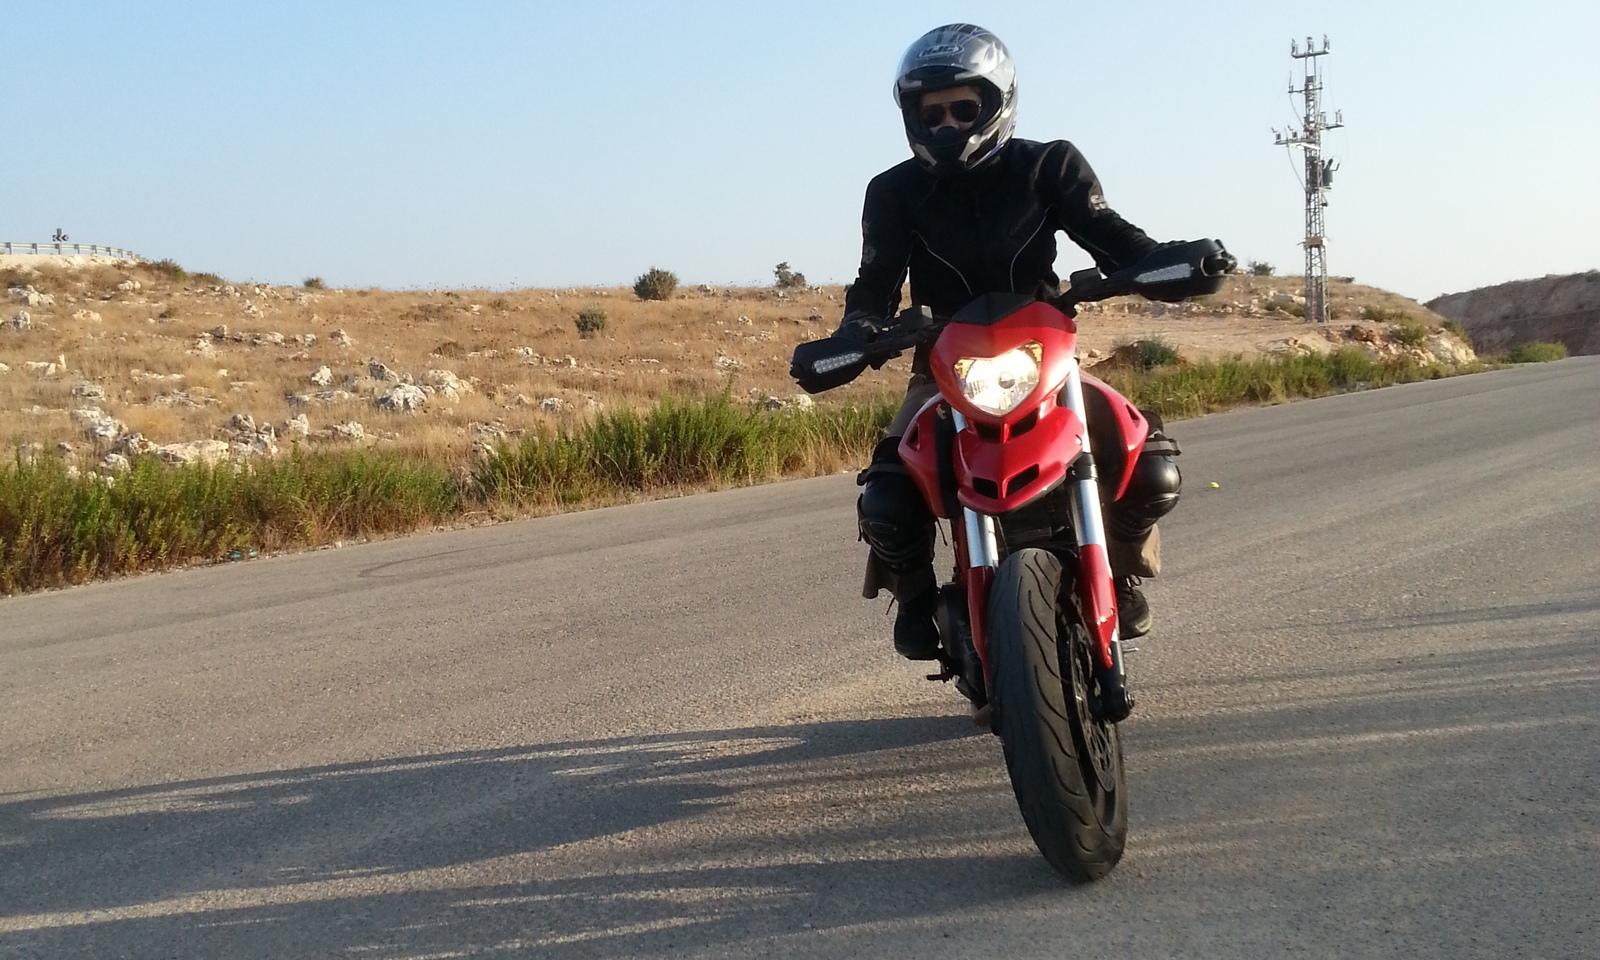 Картинки по запросу Опытный мотоинструктор - обучение вождению мотоцикла.